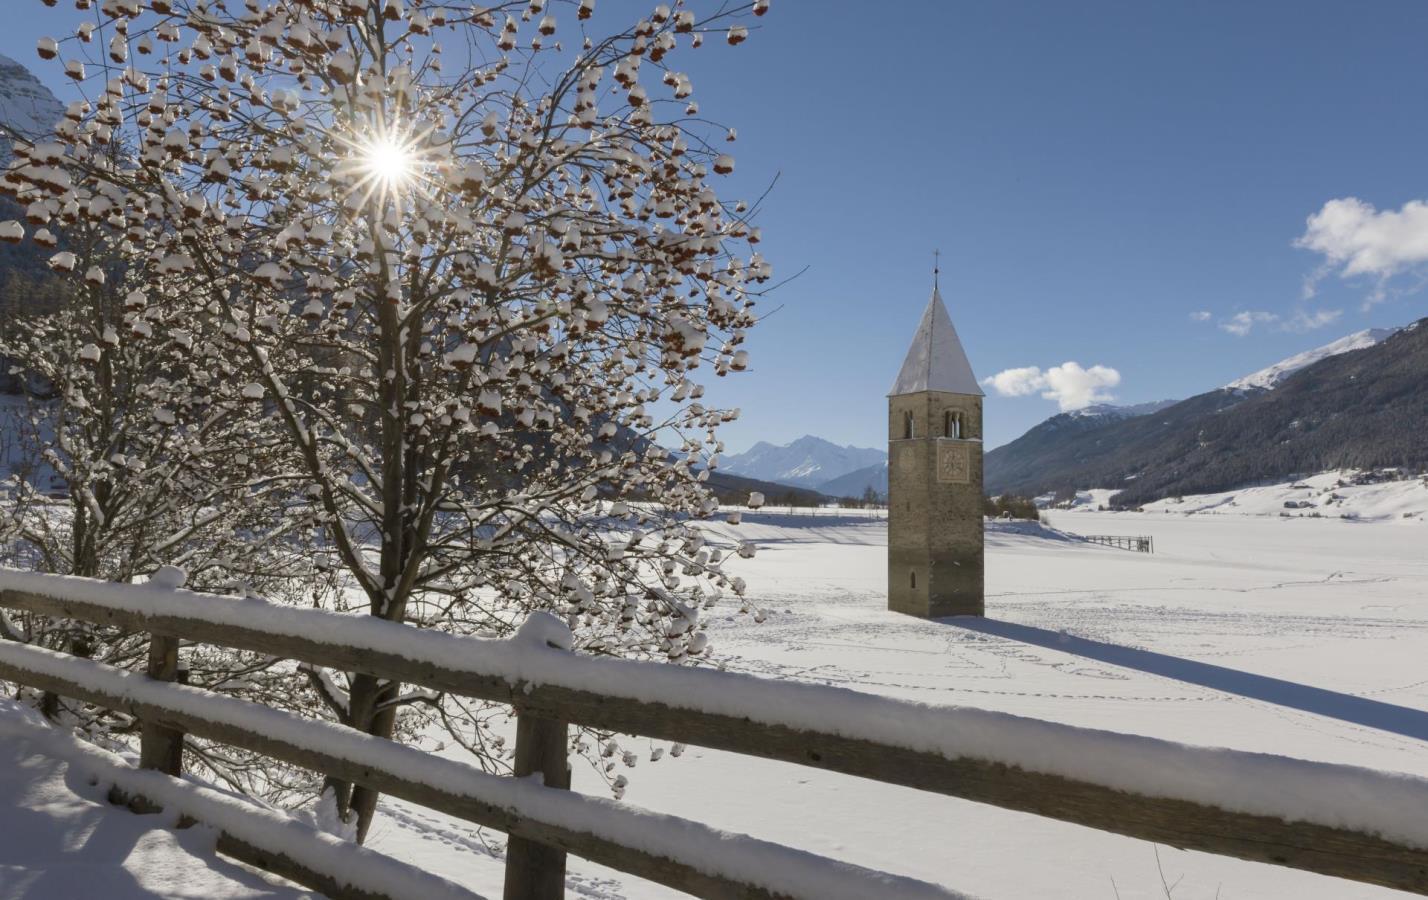 reschensee-turm-winter